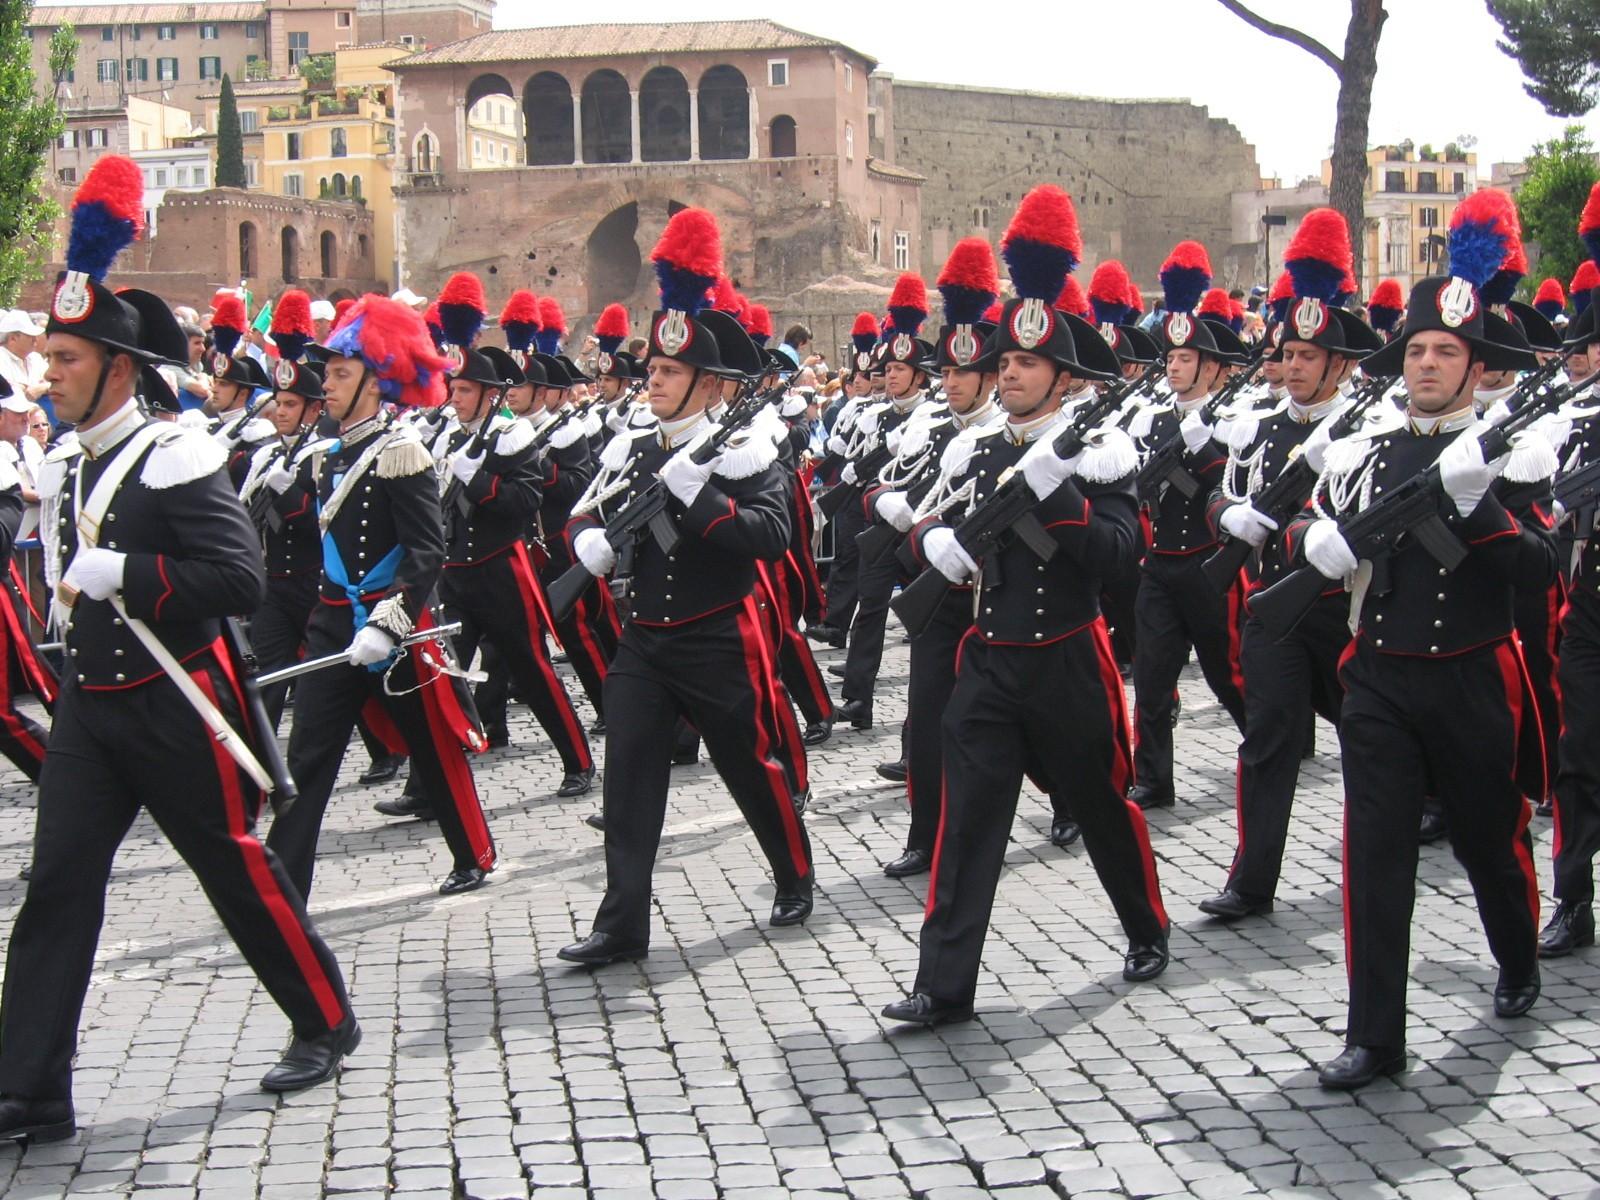 Parada za dan Republike 2. jun. Karabinjeri u svečanim uniforma. O pasu – sablja u rukama automatska puška 'beretta AR 70/90'